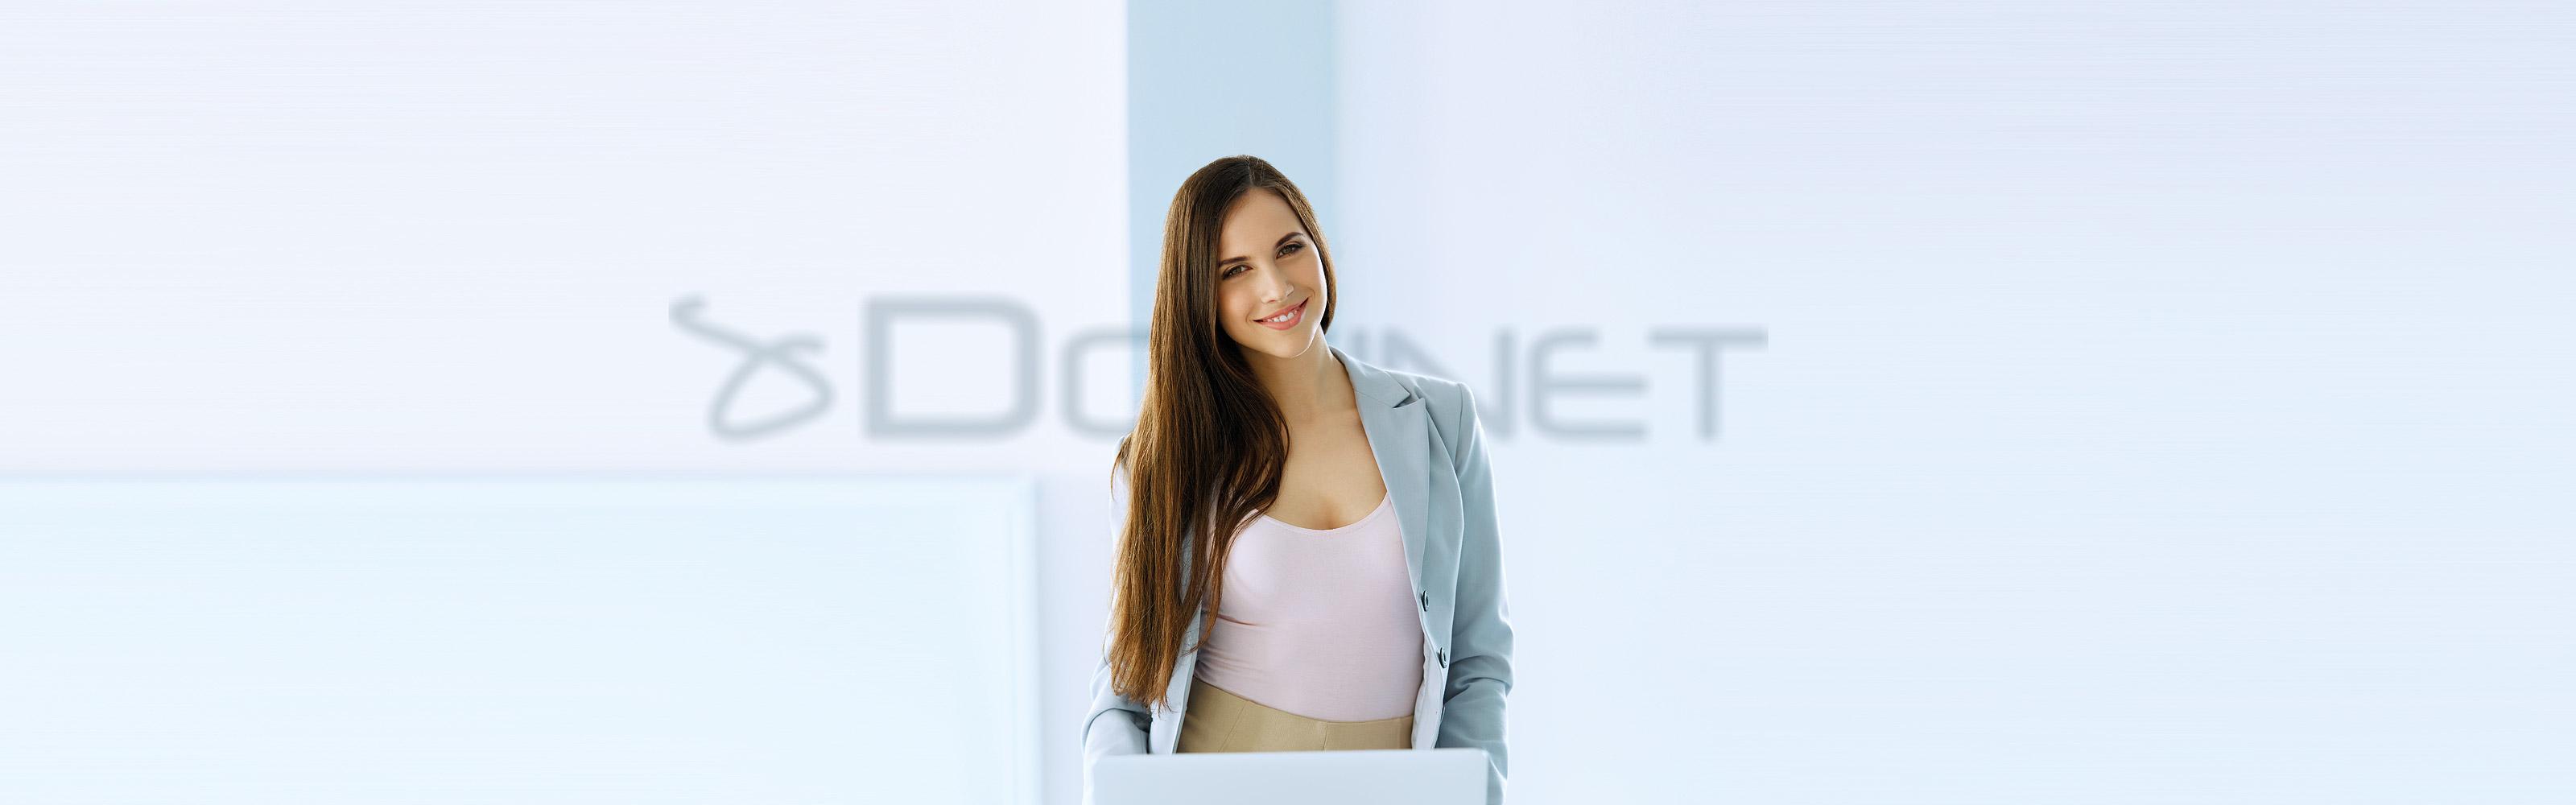 Profilo Doxinet